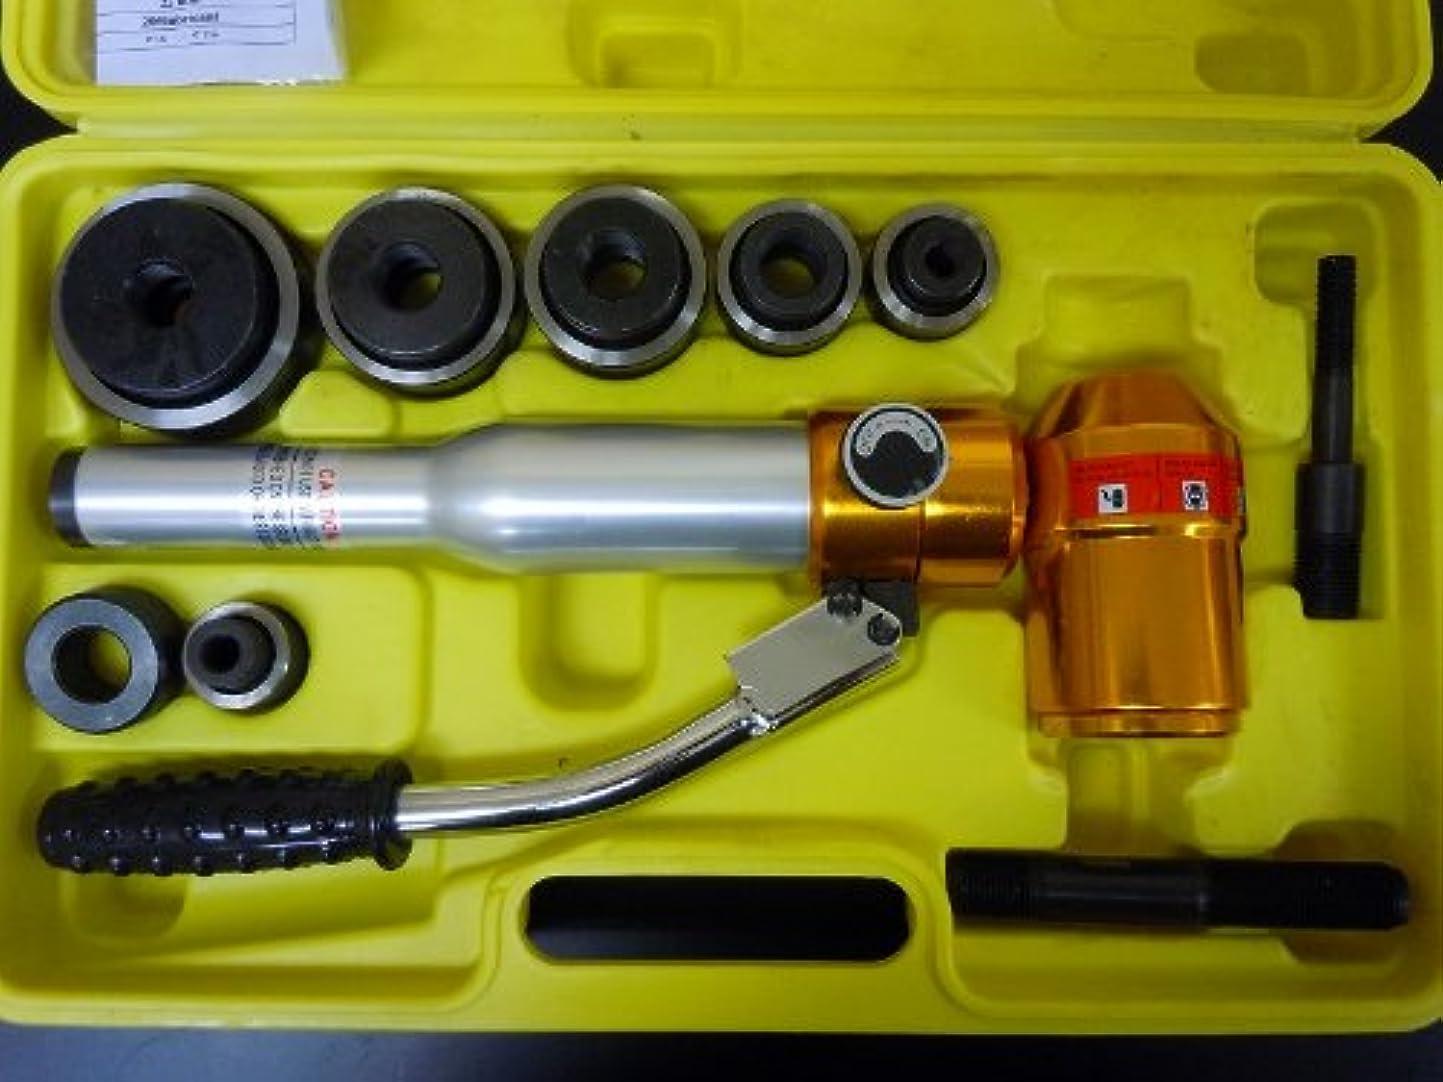 つぼみハーネス事実上油圧パンチャー 油圧パンチ セット 油圧工具 ノックパン S型